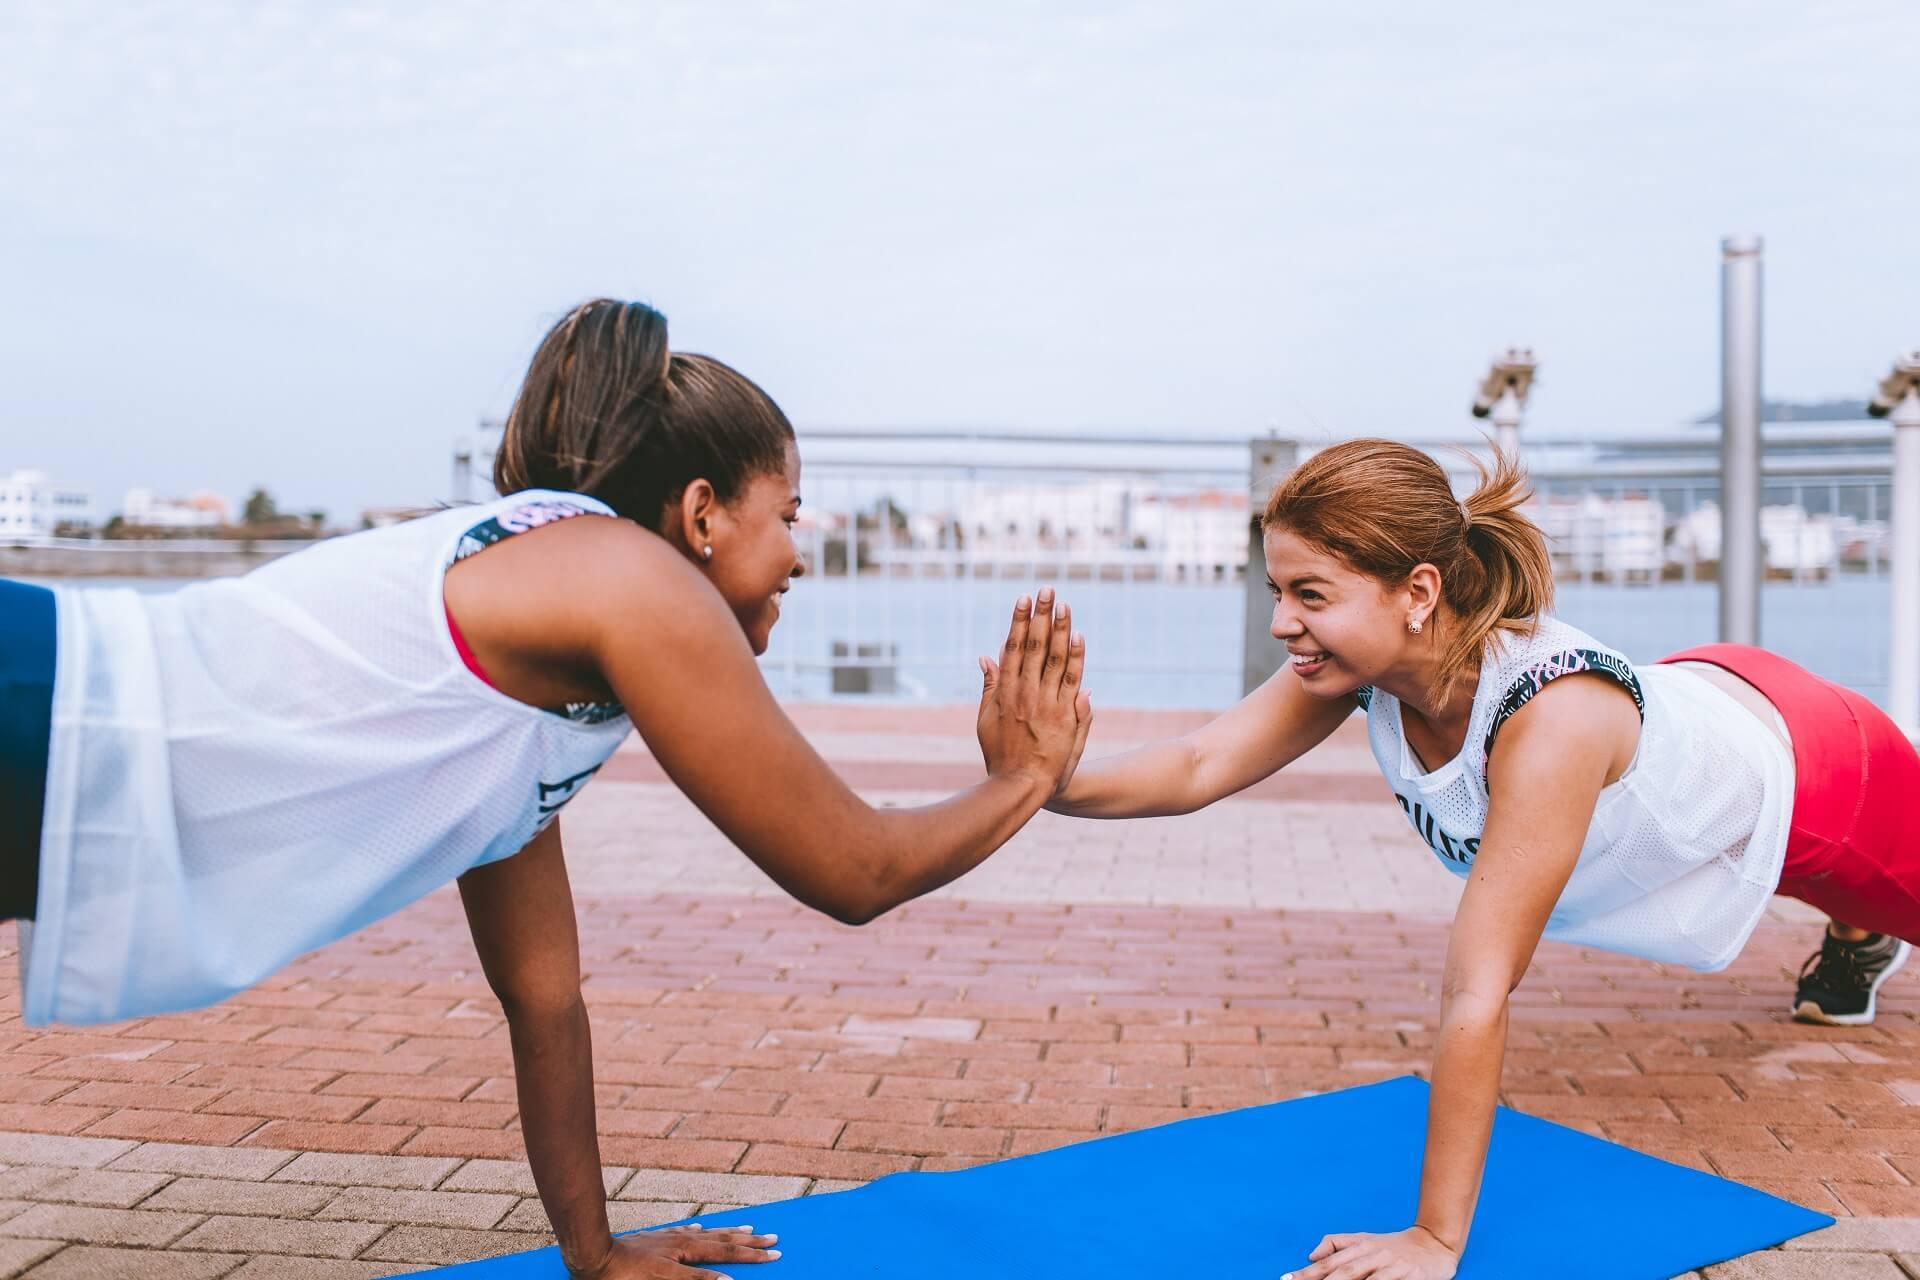 Как тренироваться, чтобы достичь результата: Советы фитнес-эксперта-Фото 3